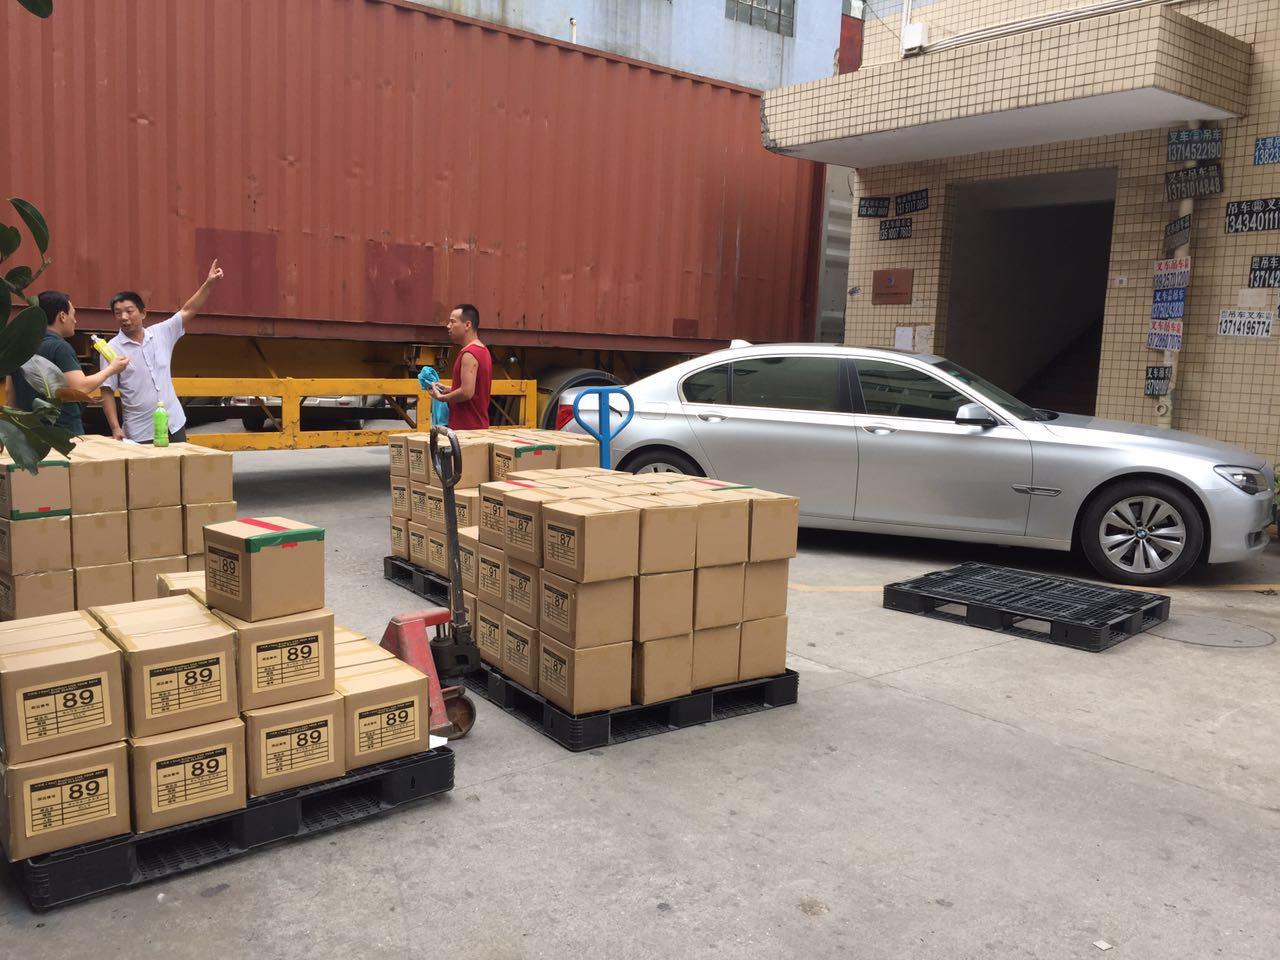 发往日本的自拍杆硅胶套装货柜车现场图